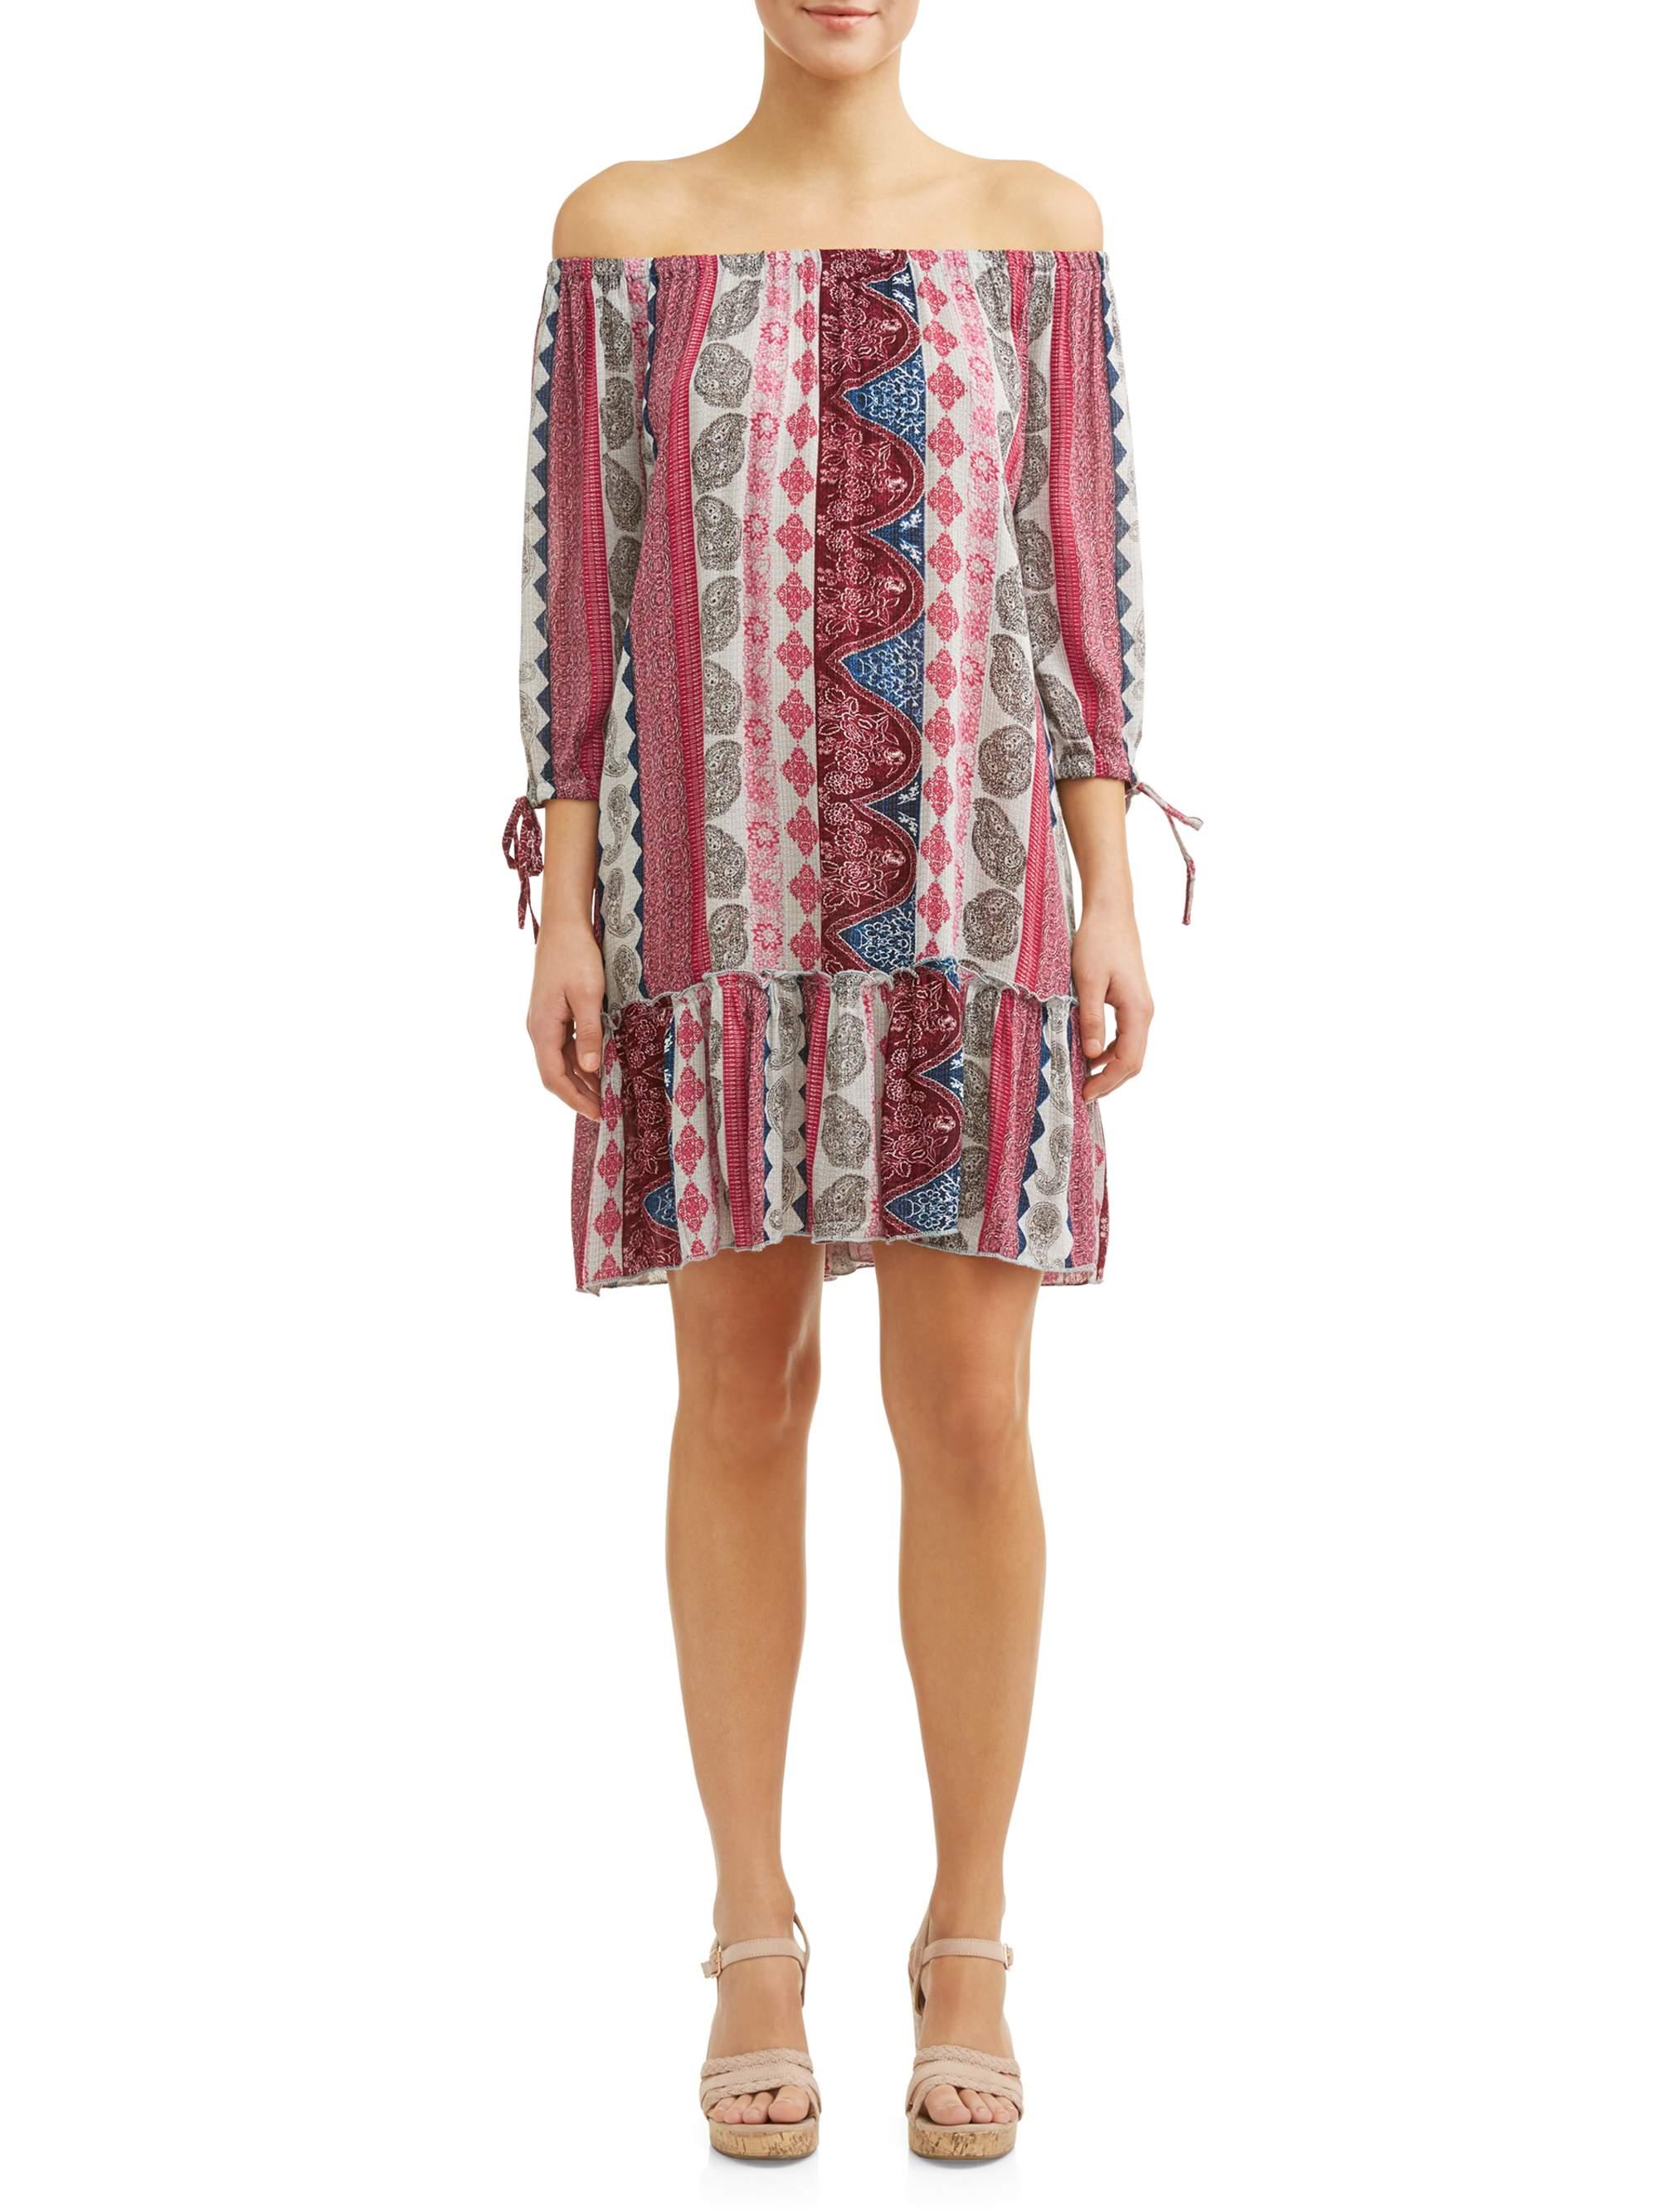 Women's Printed Drop Waist Dress